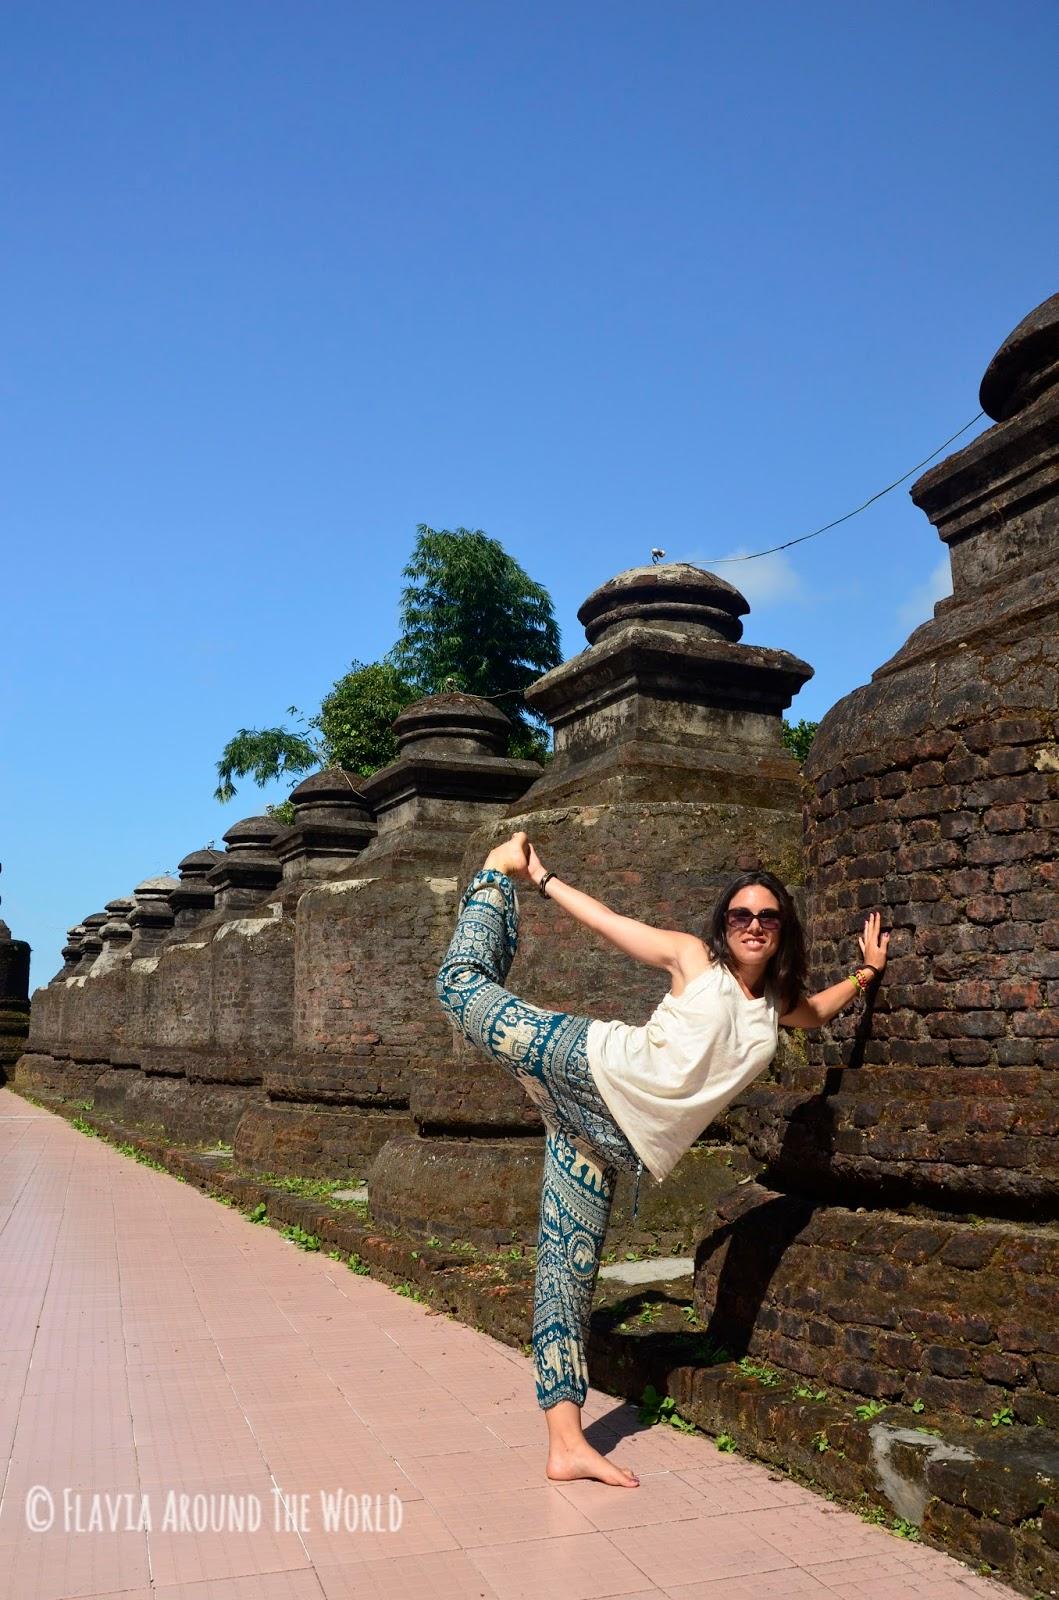 Yo haciendo el tonto en el templo de Shitthaung, Mrauk U, Myanmar